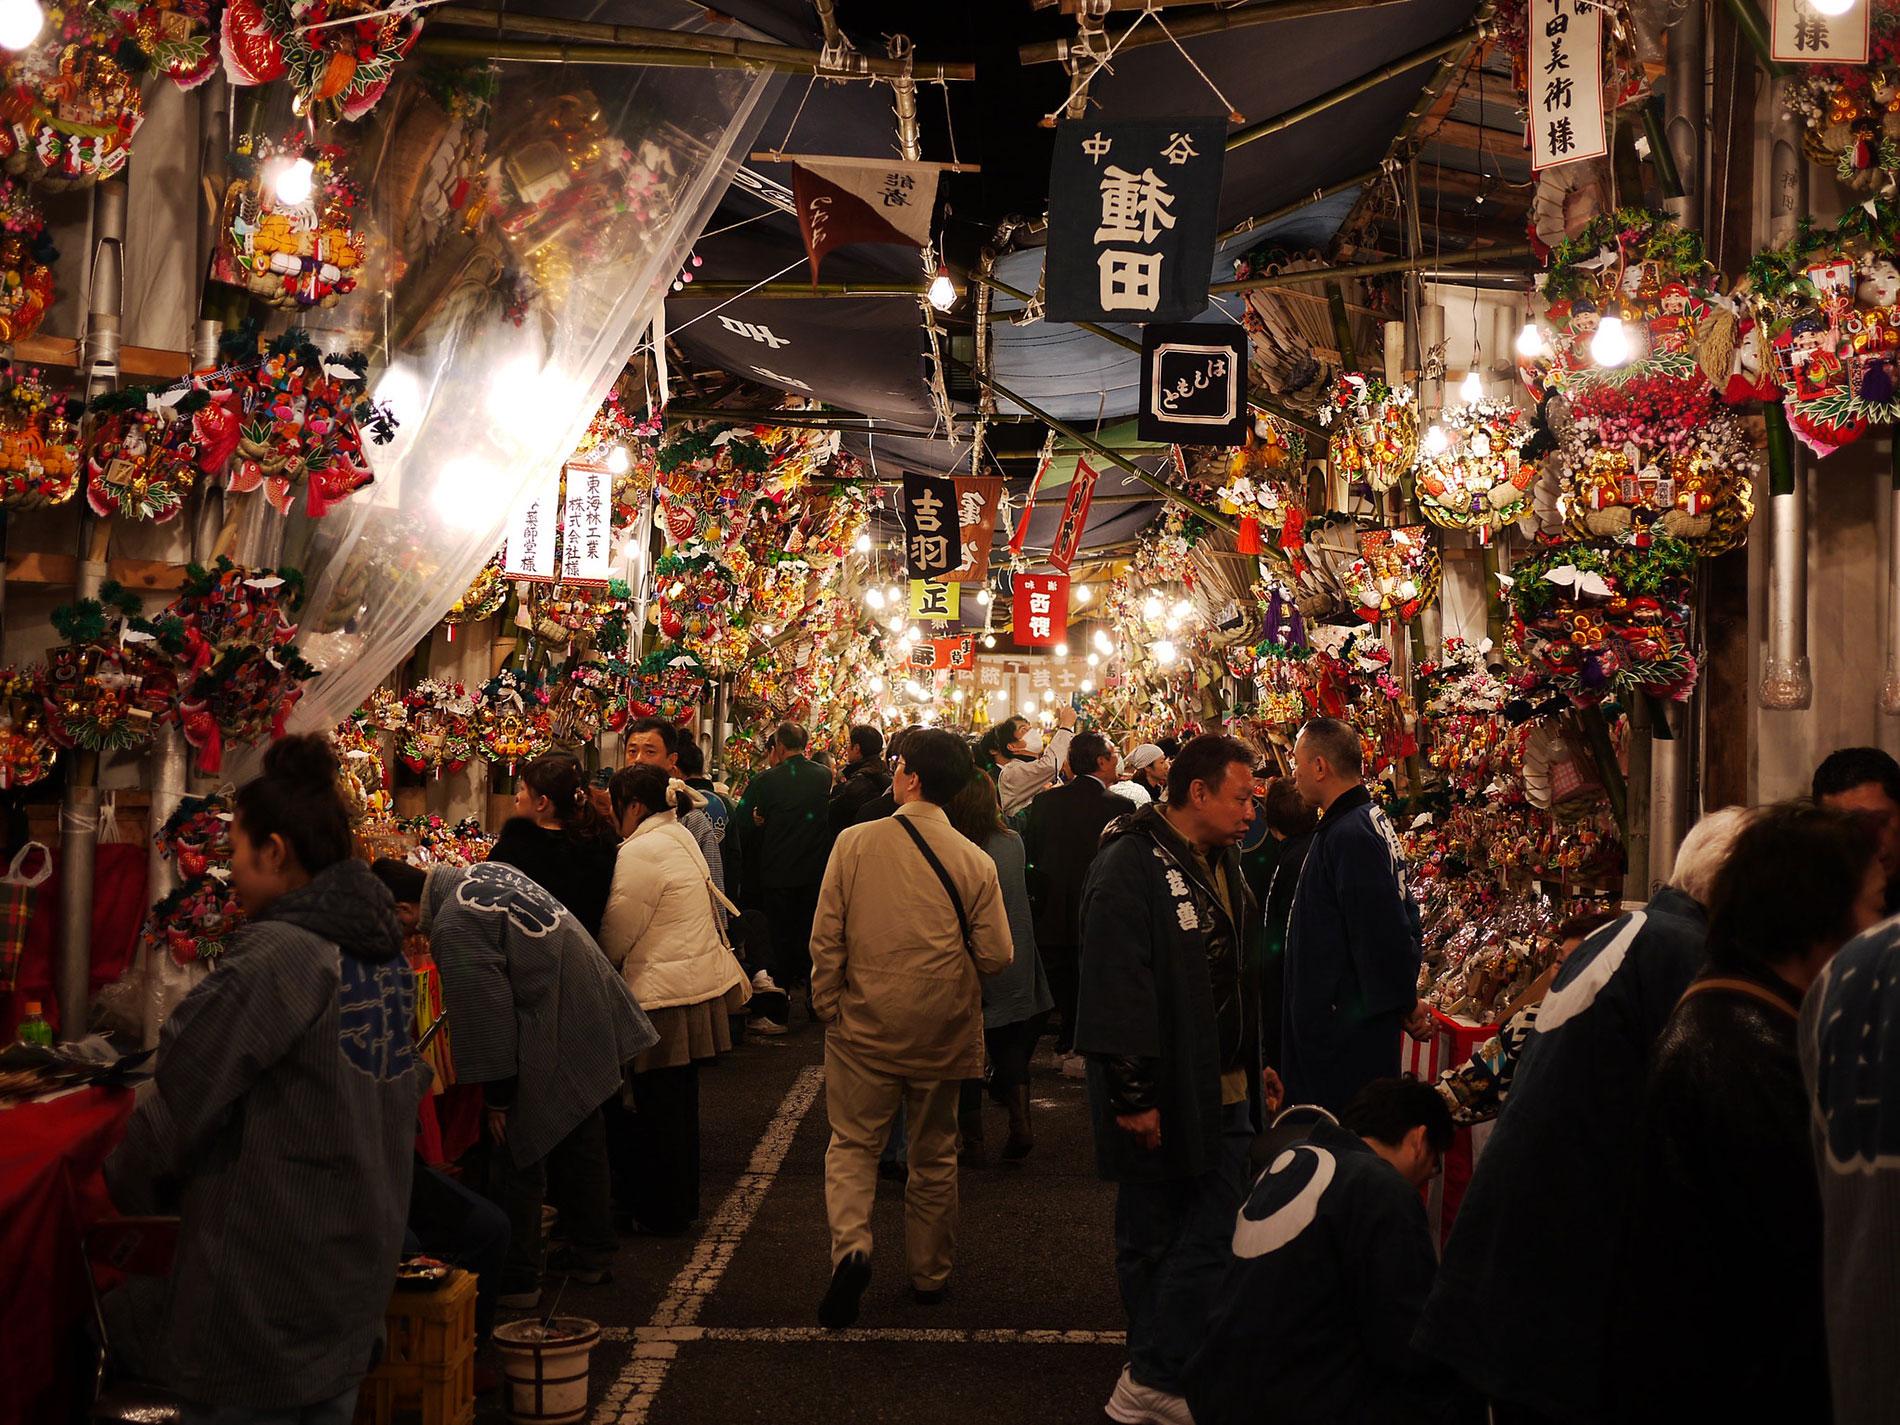 Bunt, laut, lebendig wird es in Tōkyō zur Tori no ichi Messe, bei der Geschäftsleute isch mit glücksbringern fürs nächste Jahr eindecken. (Foto: Yoshikazu Takada auf Flickr https://flic.kr/p/7f92ch CC BY 2.0)